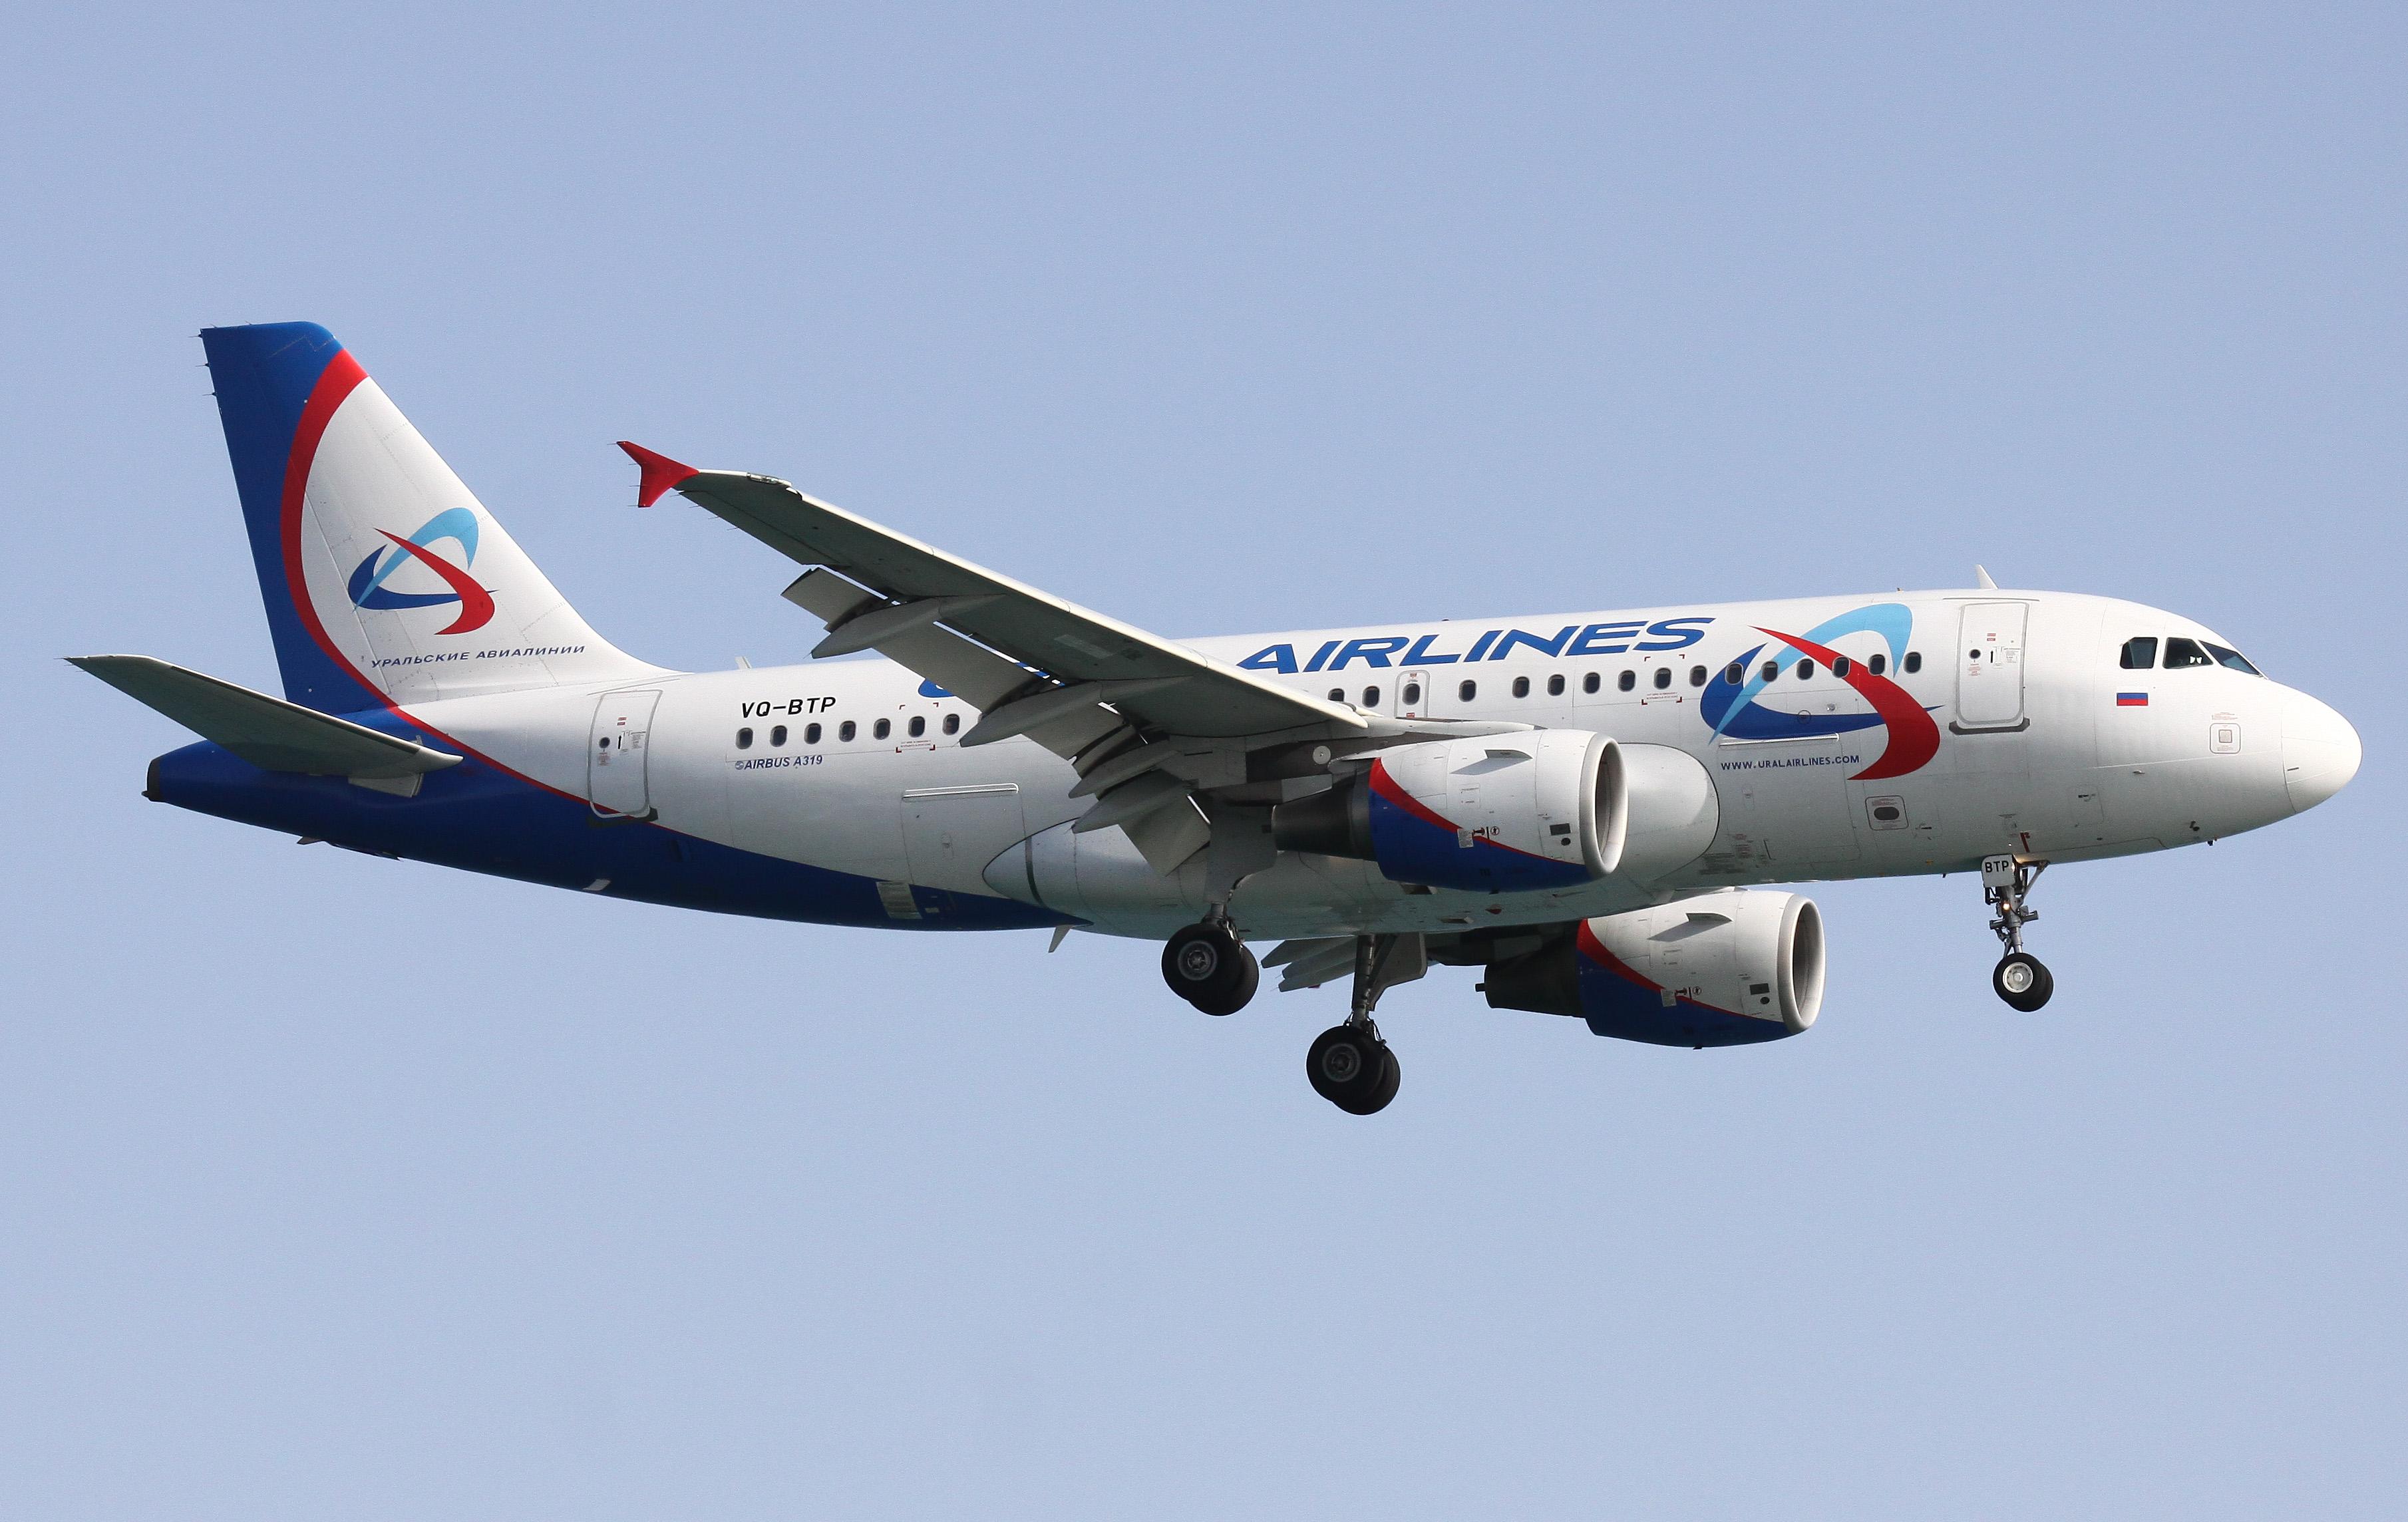 Ural Airlines Flight Tracker (U6 / SVR) | Plane Finder